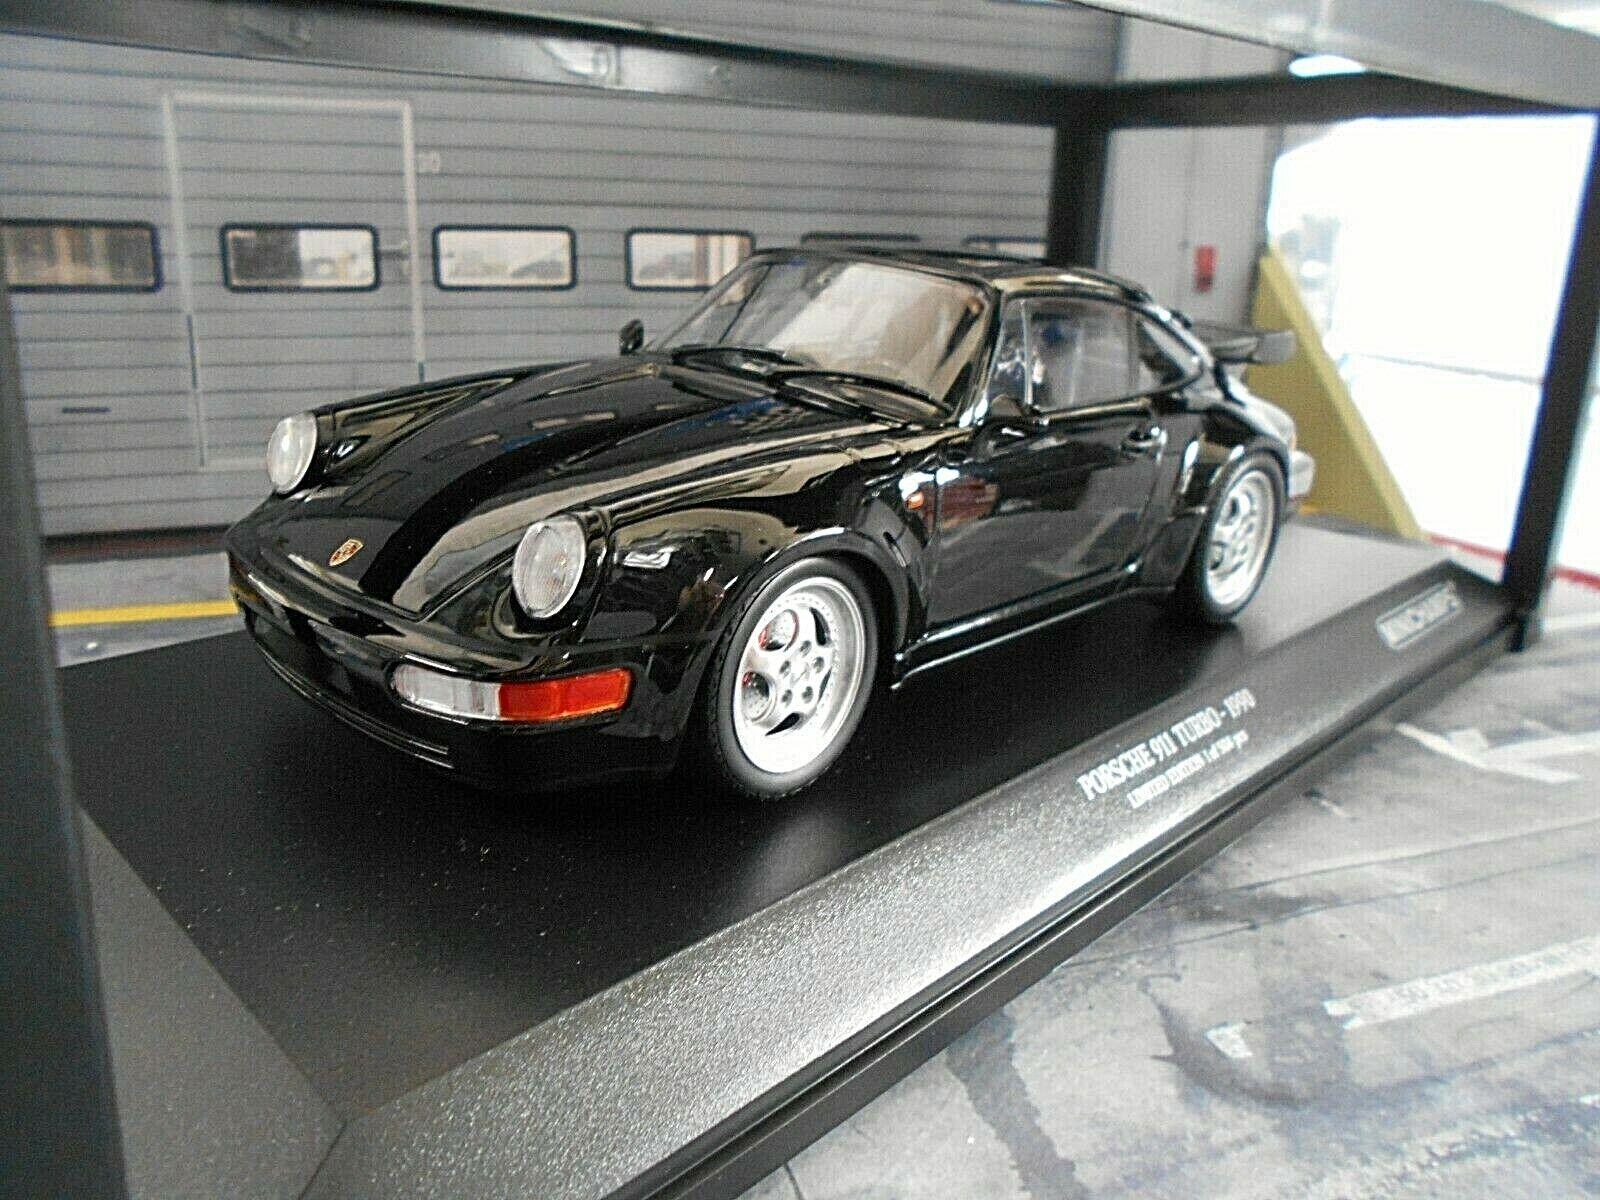 Porsche 911 964 Turbo Coupe 1990 nero nero Minichamps DIECAST 1 18